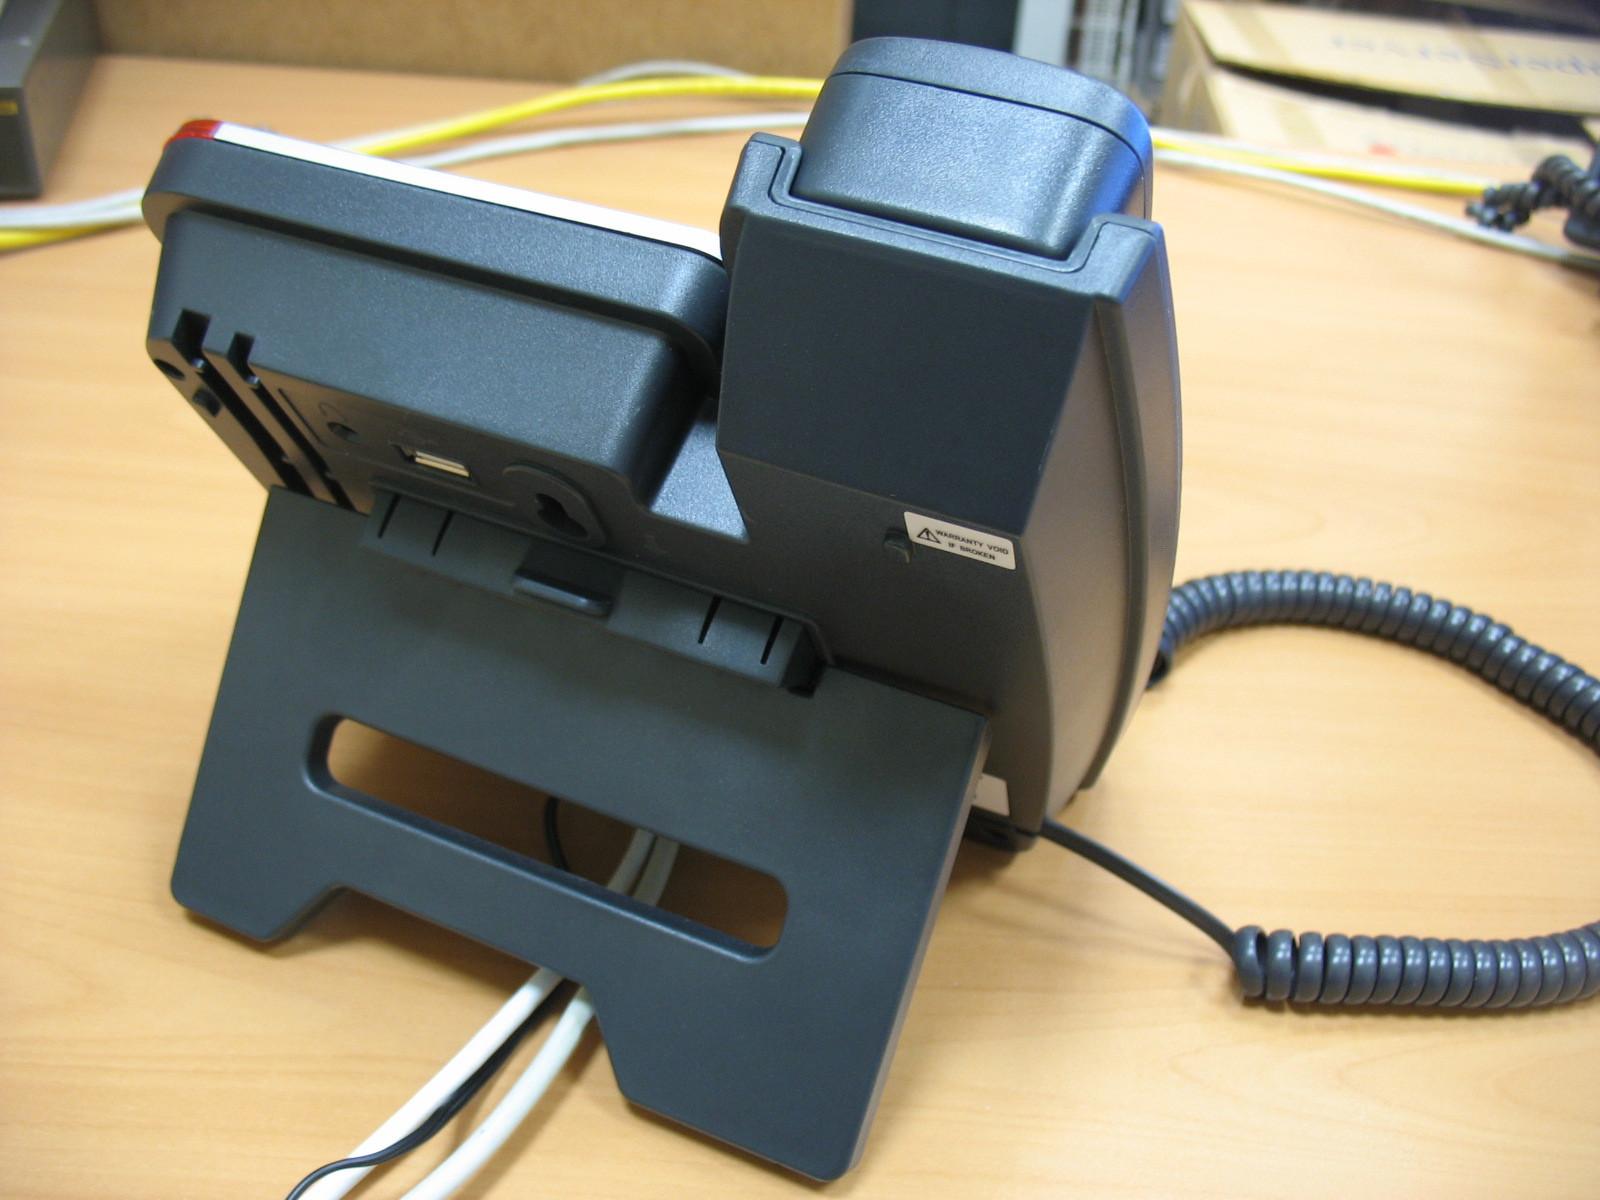 Телефон с подключенными проводами.